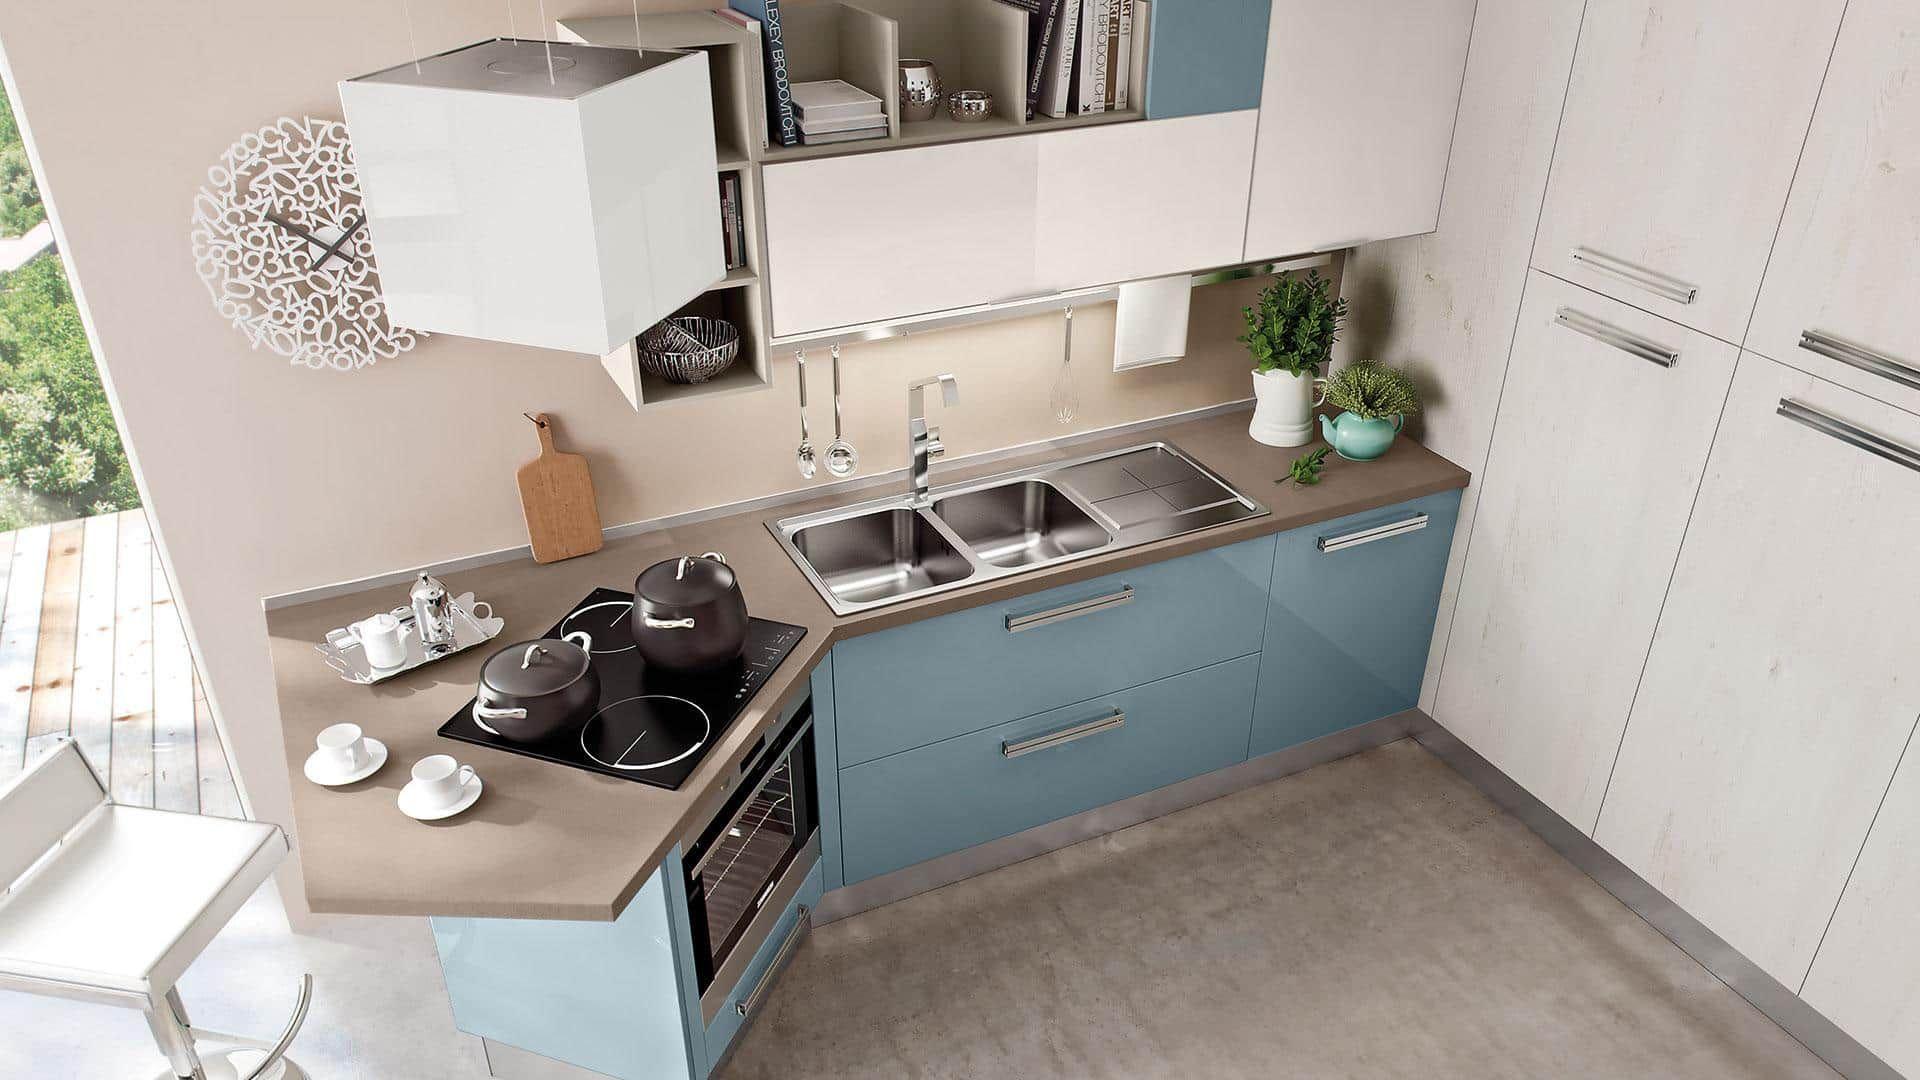 Arredamento per cucine di piccole dimensioni arredo for Cucine piccole moderne